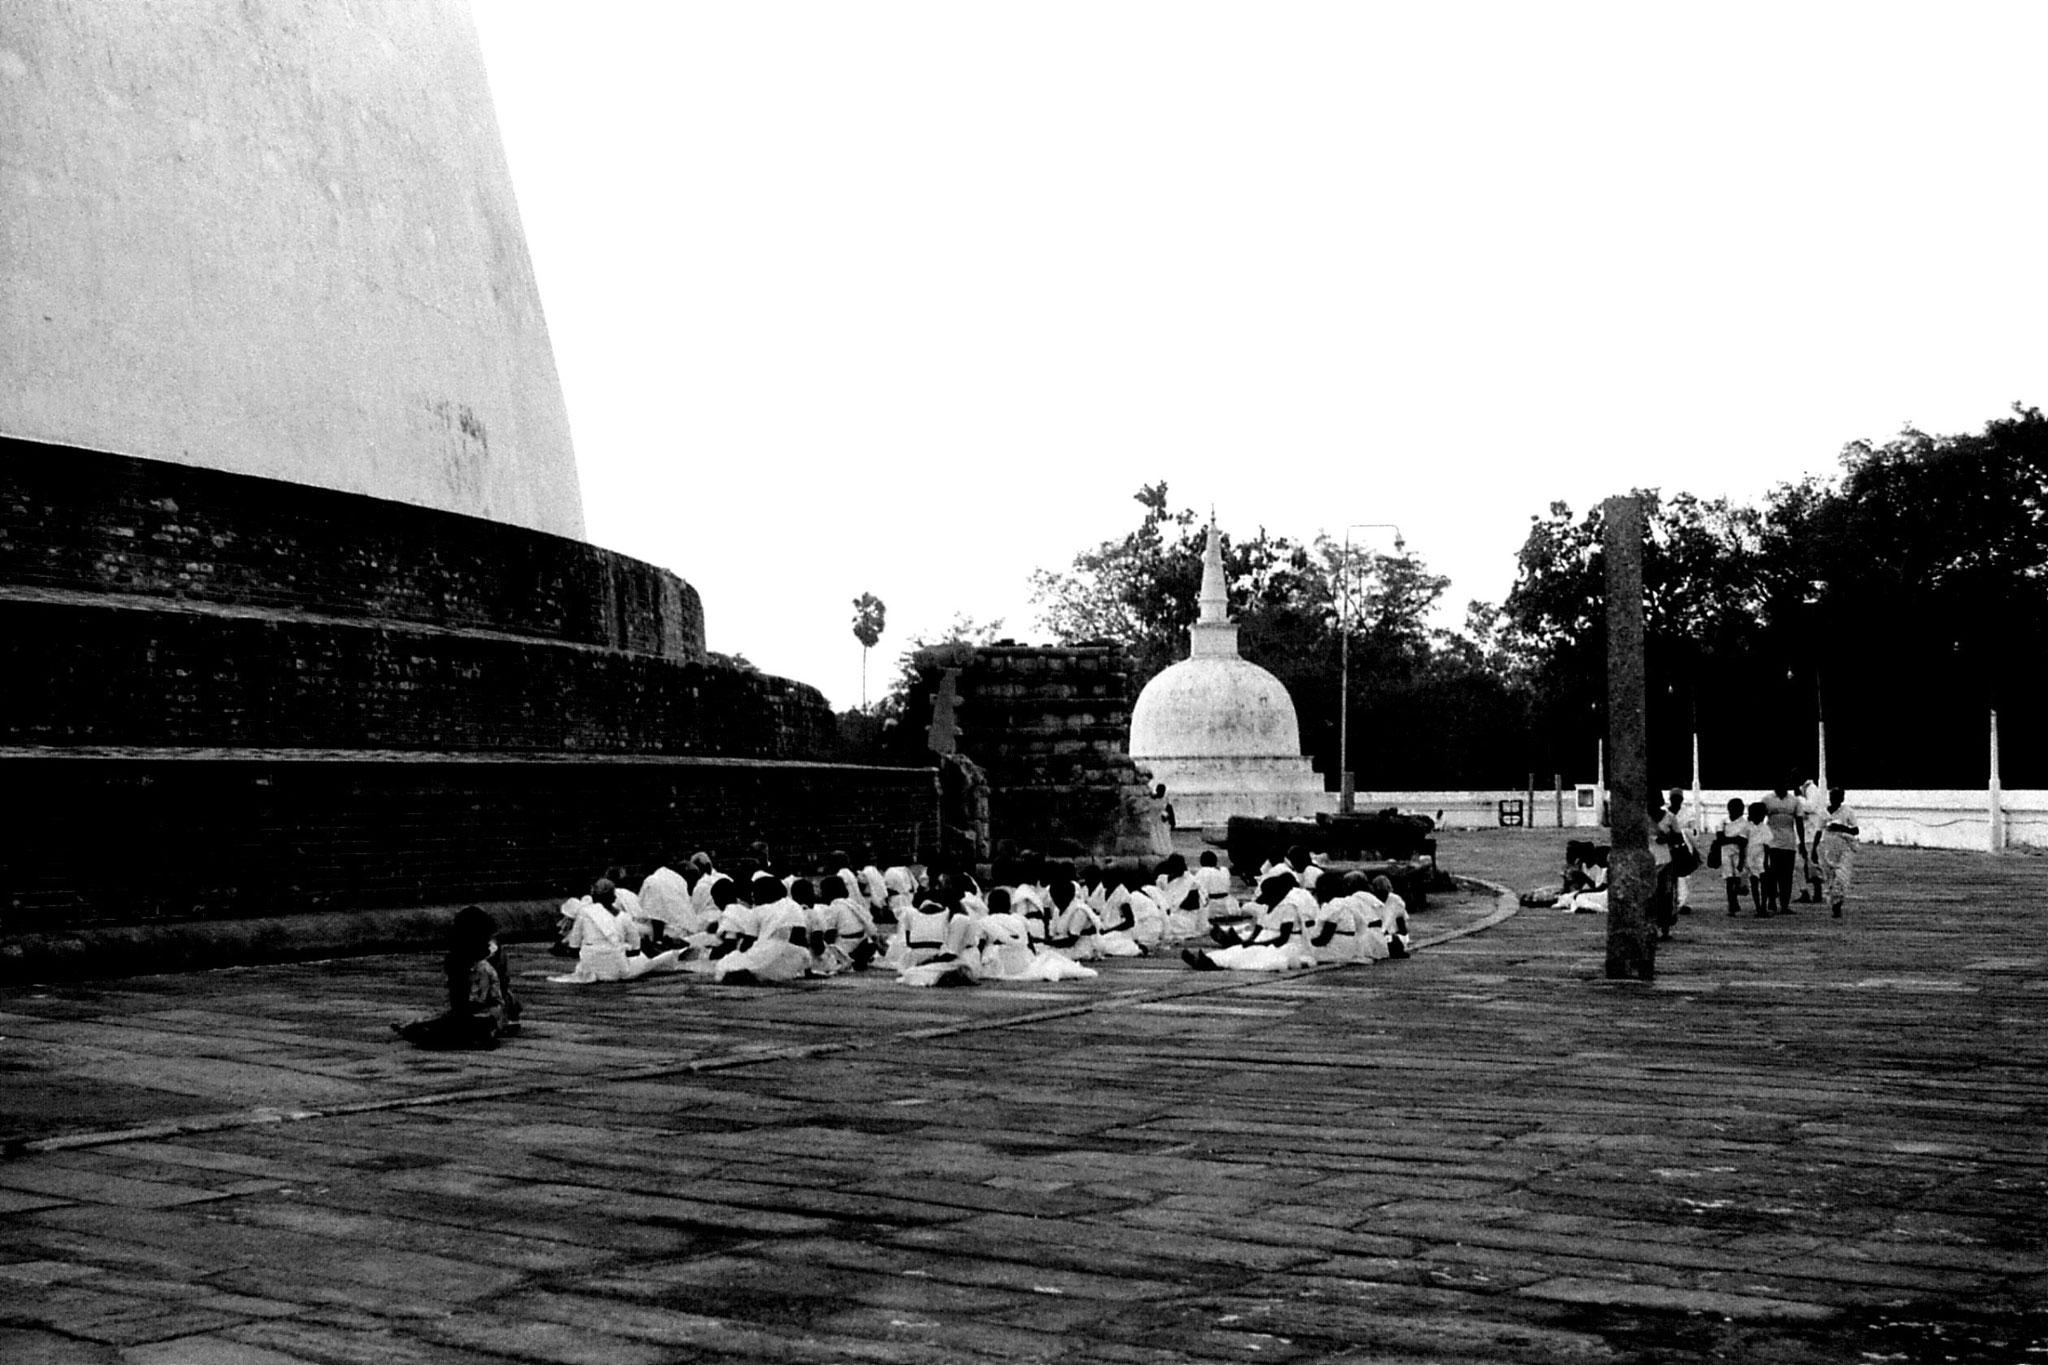 9/2/90: 24: Anuradhapura pilgrims at Ruvapvelisiya dagoba